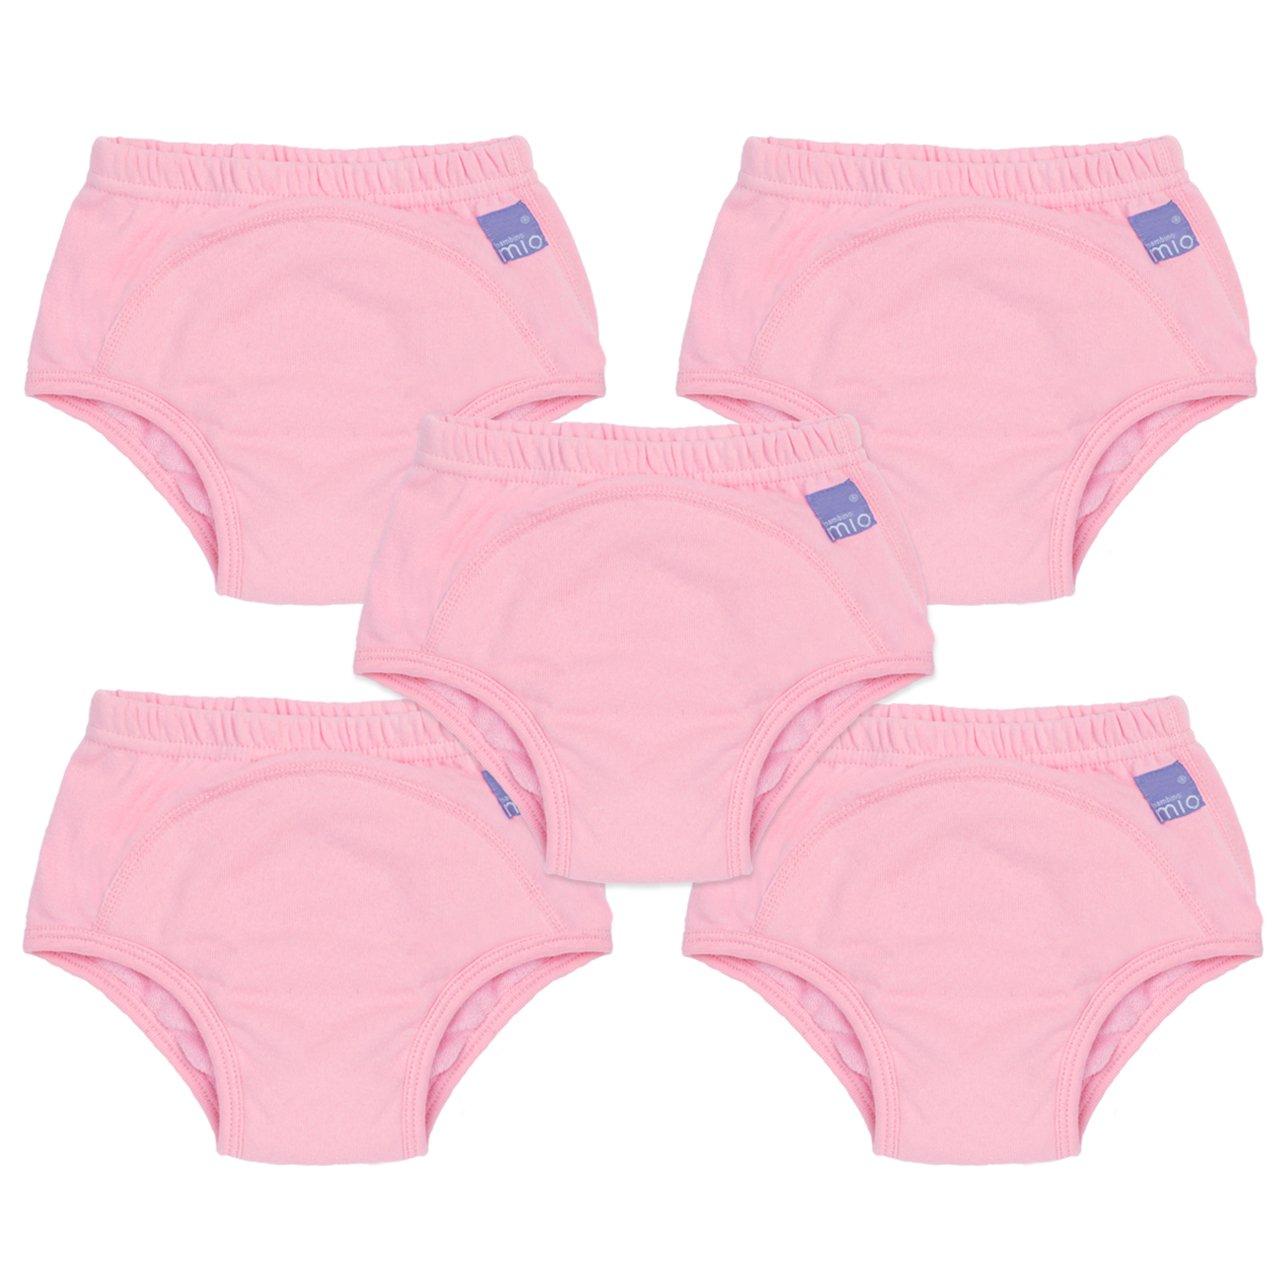 Bambino Mio, Mutandina Allenatrice, Pink, 3+ Anni (5 Prezzi)